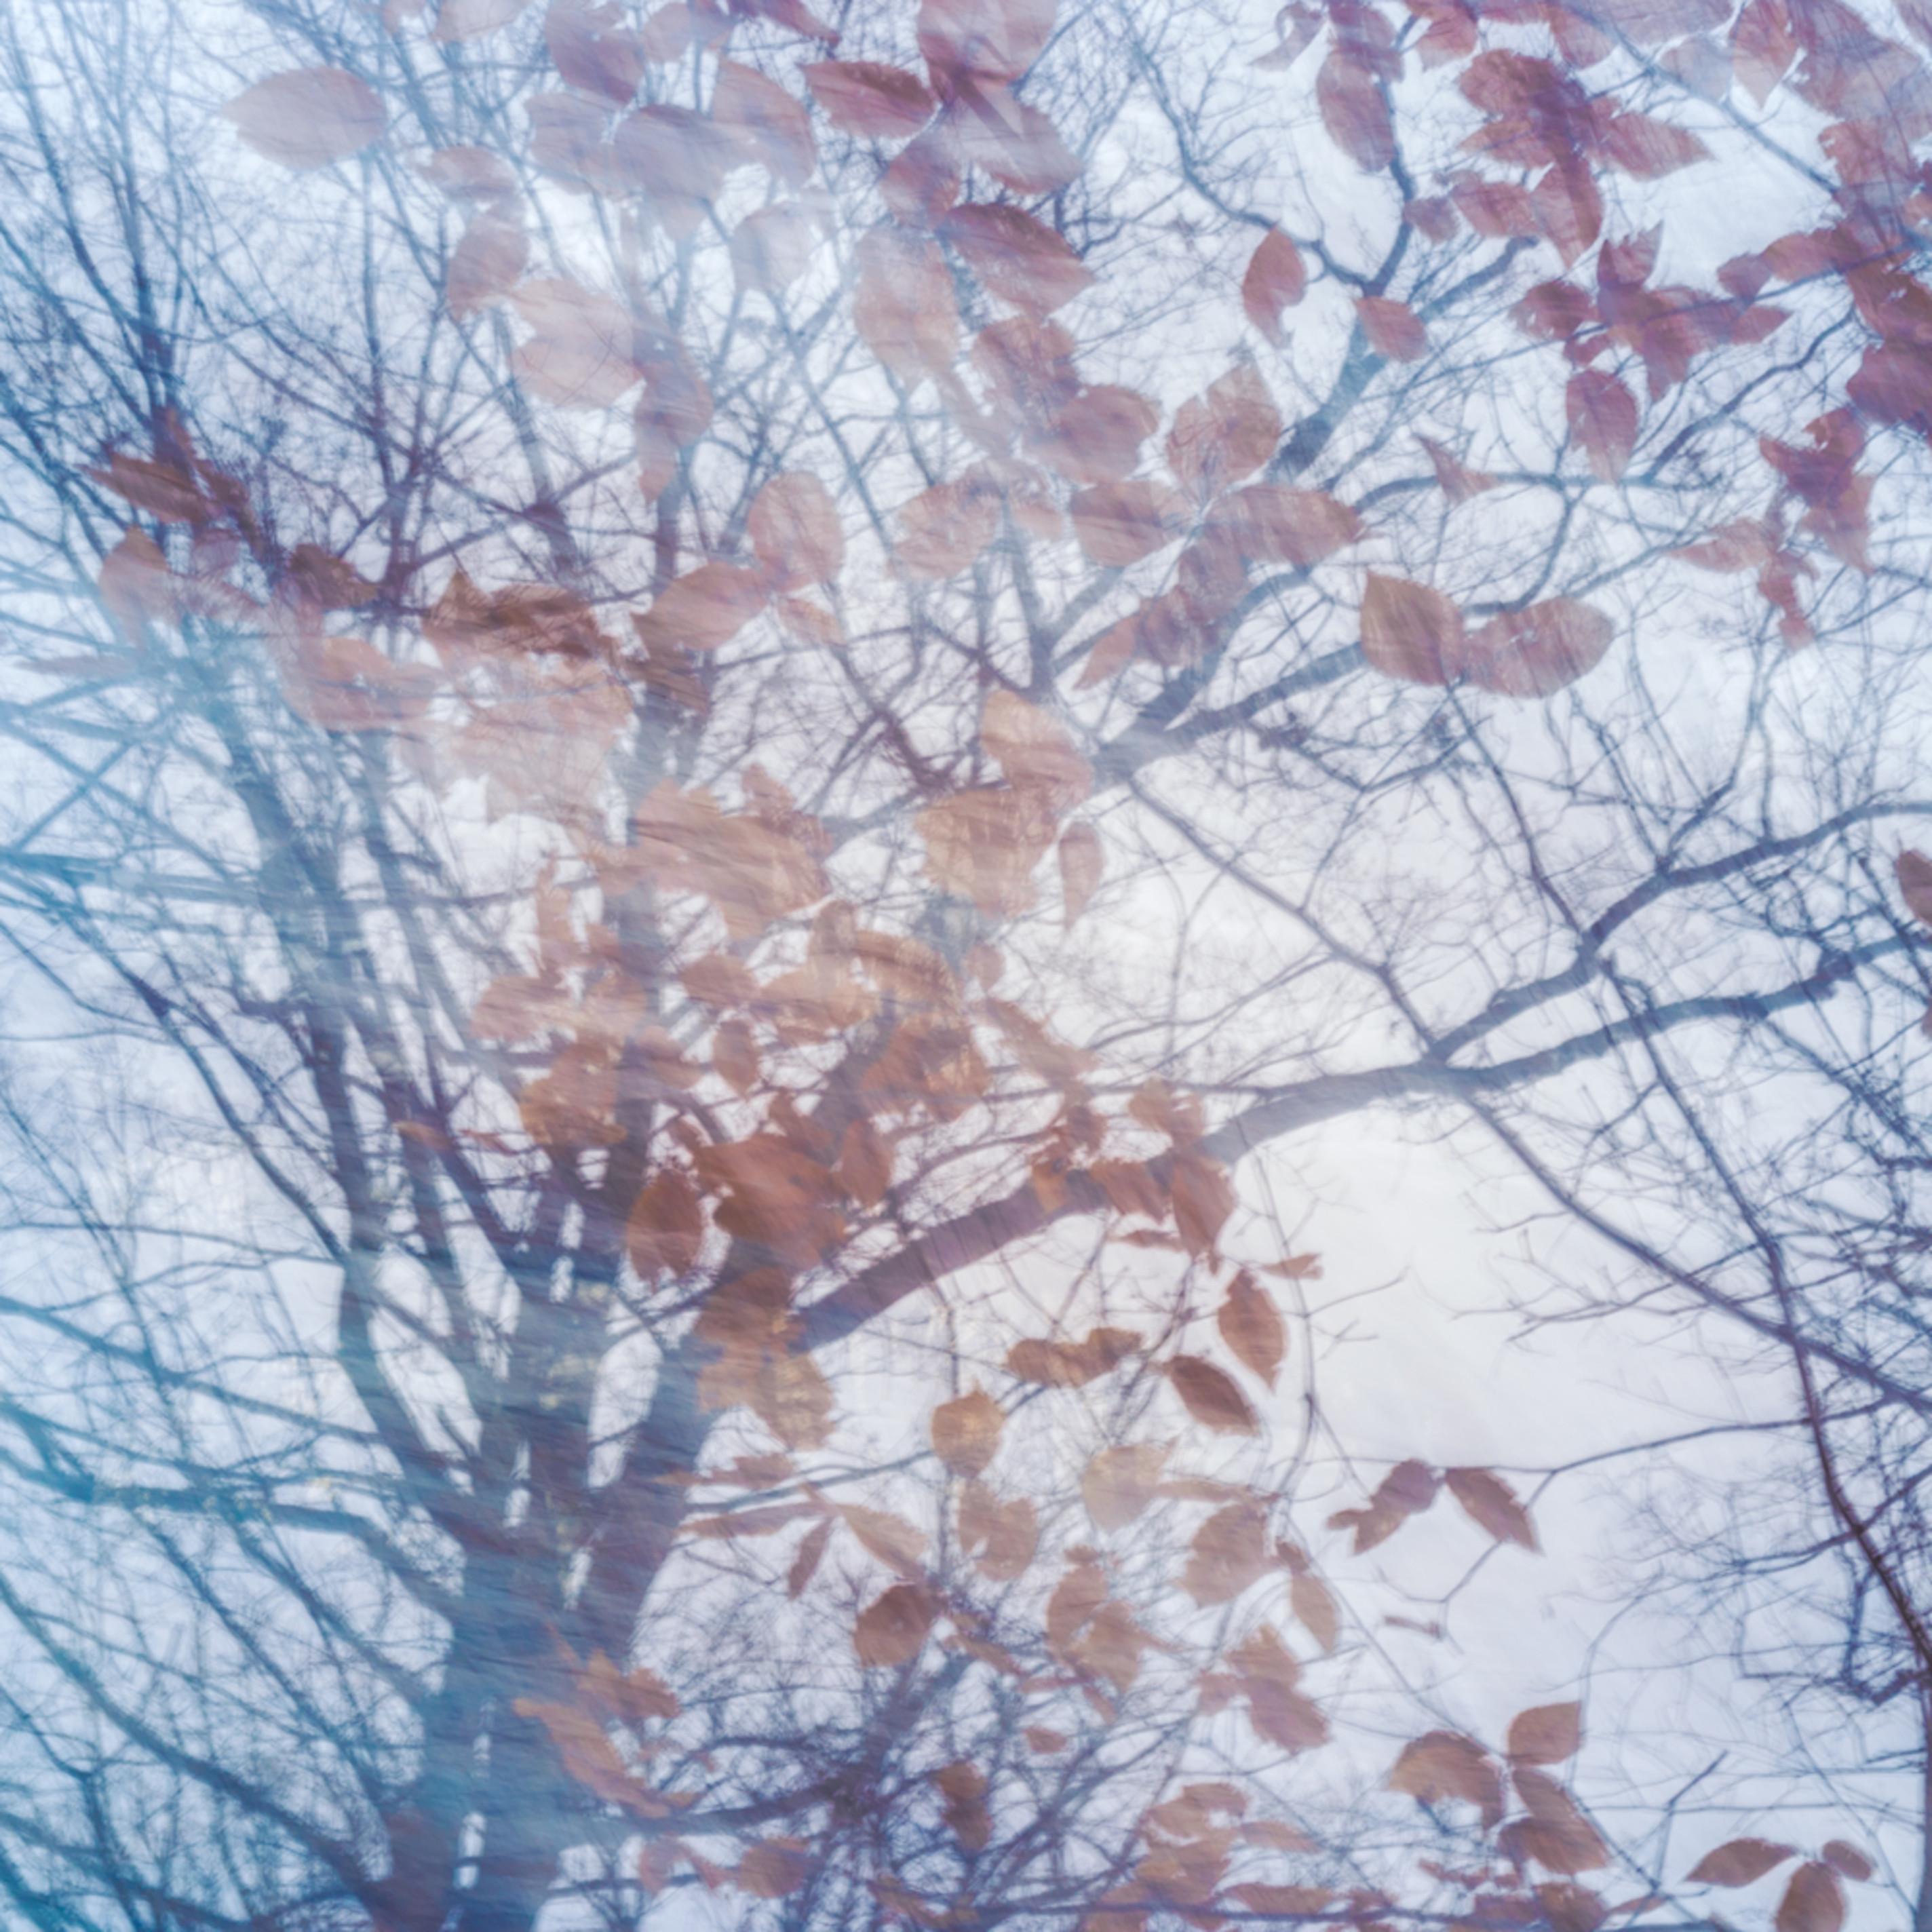 Nature abstract 1494 jwuysa